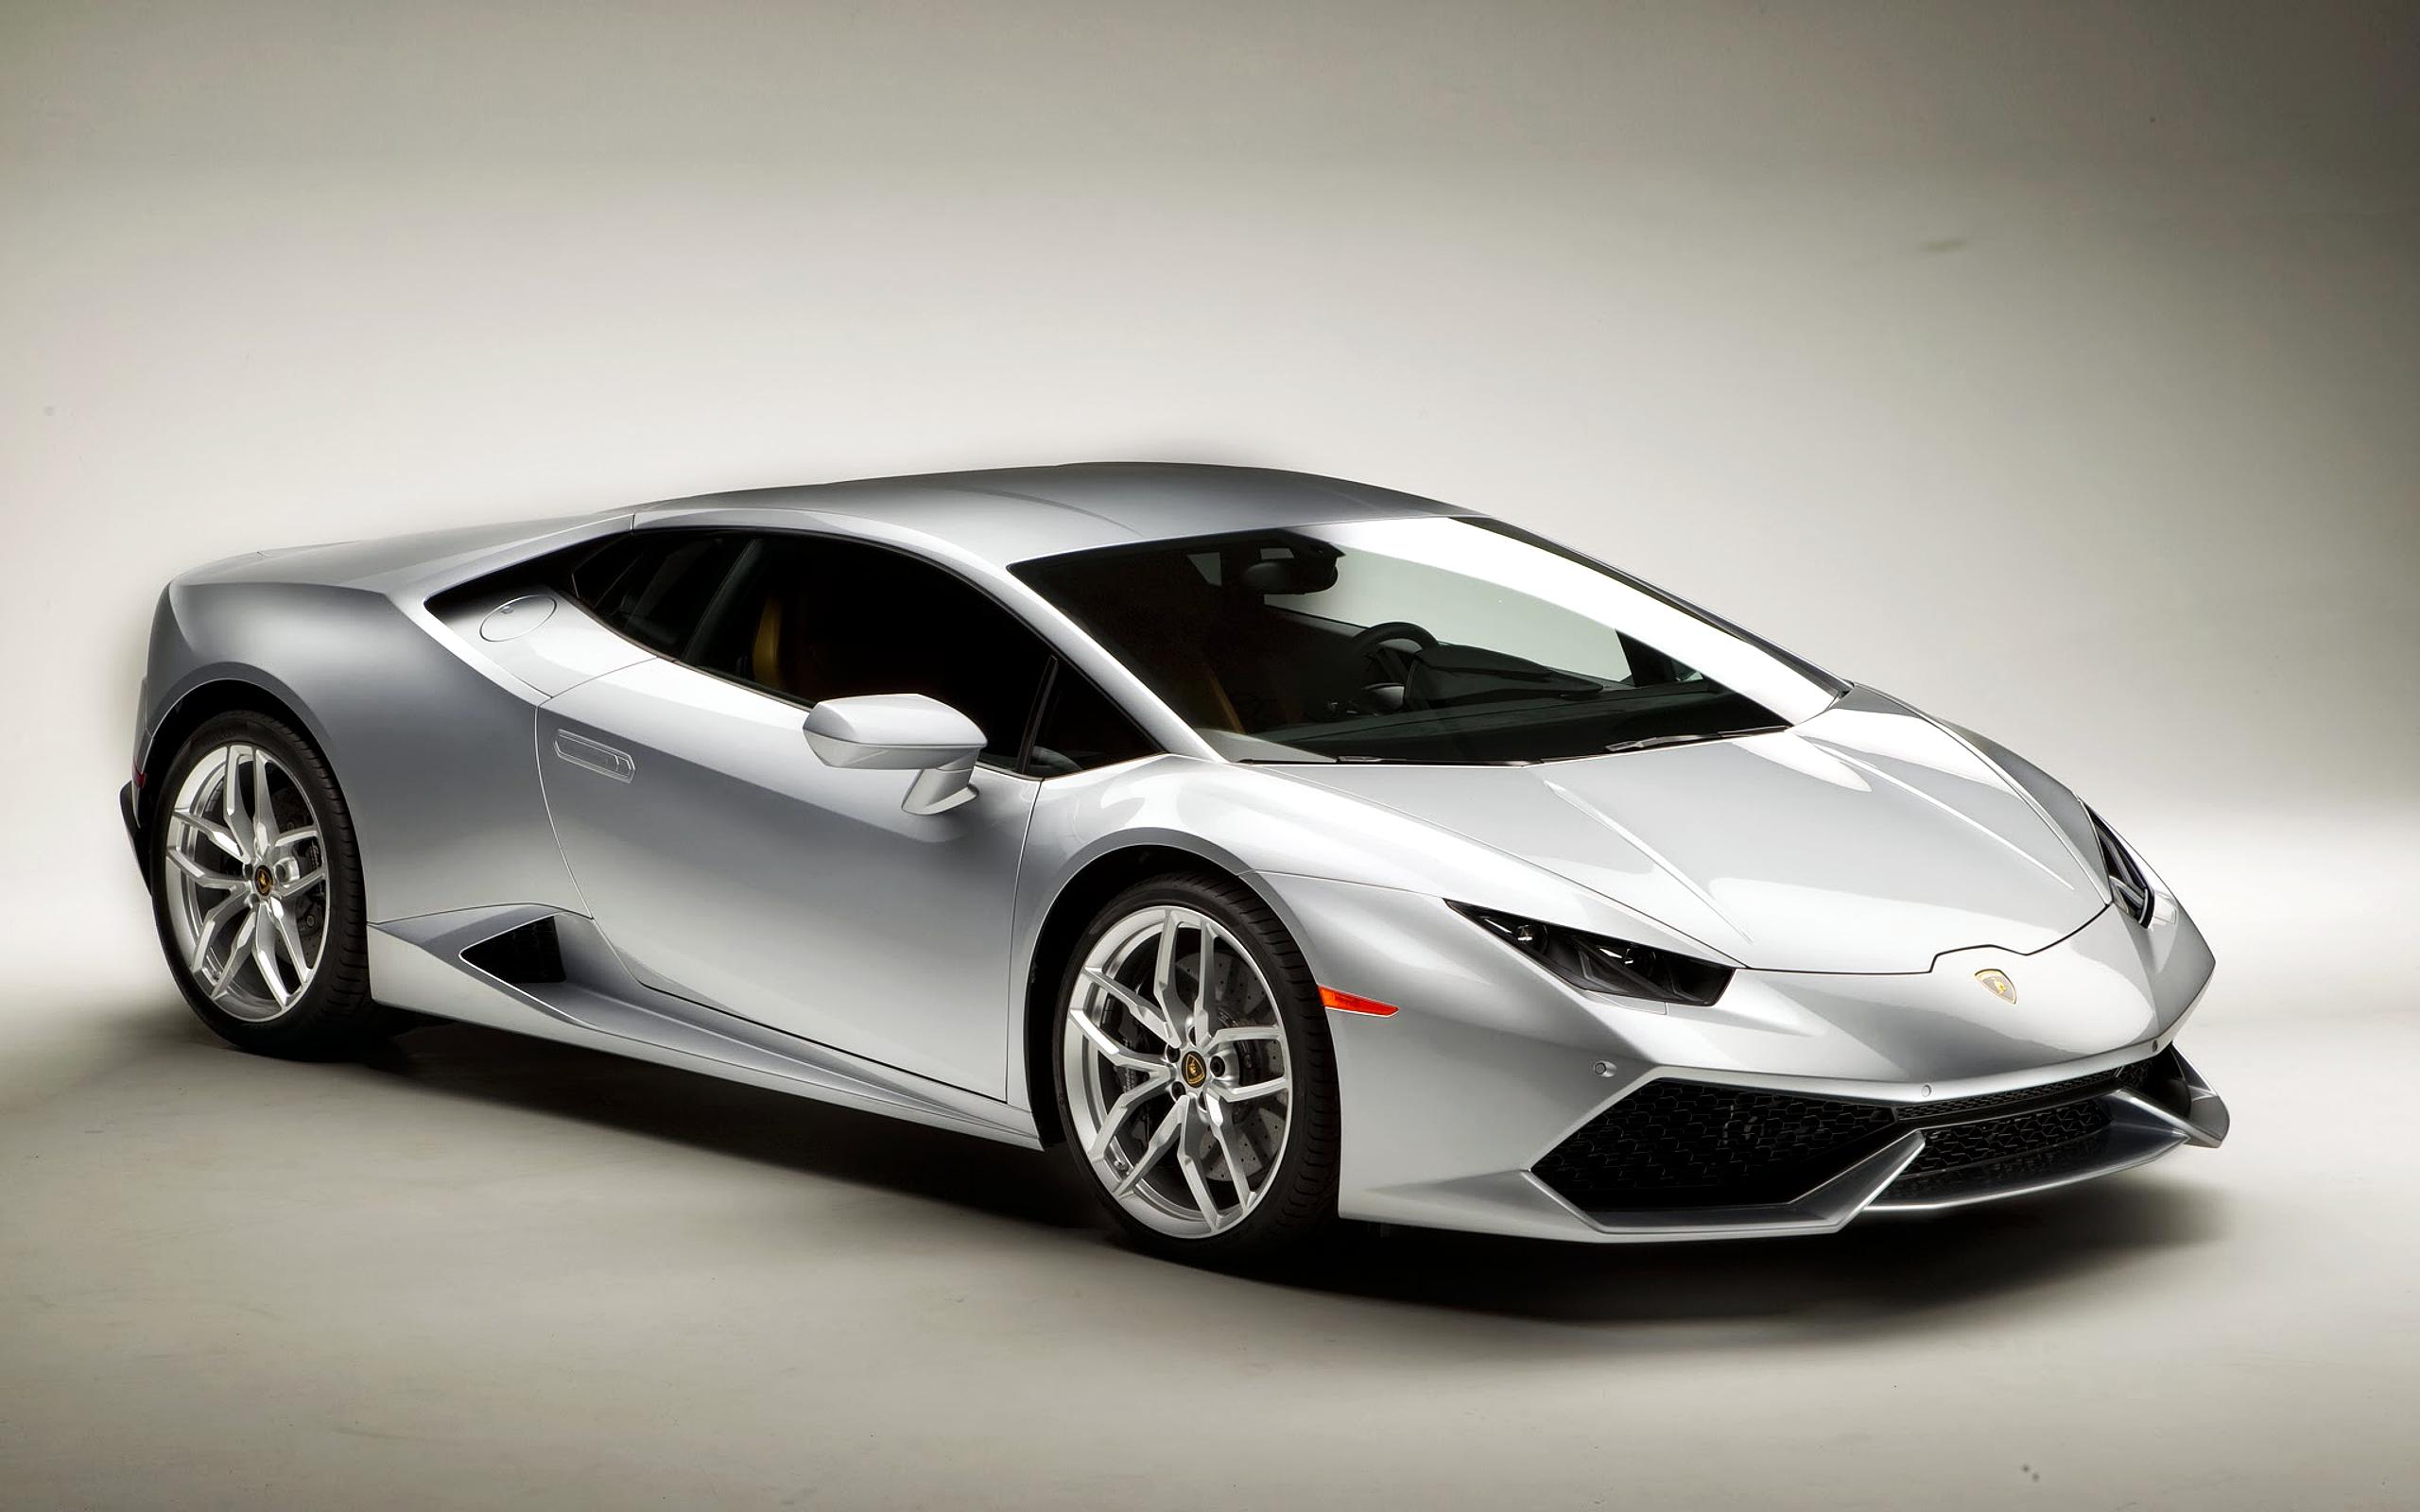 Lamborghini Hd Desktop Wallpaper Wallpapersafari